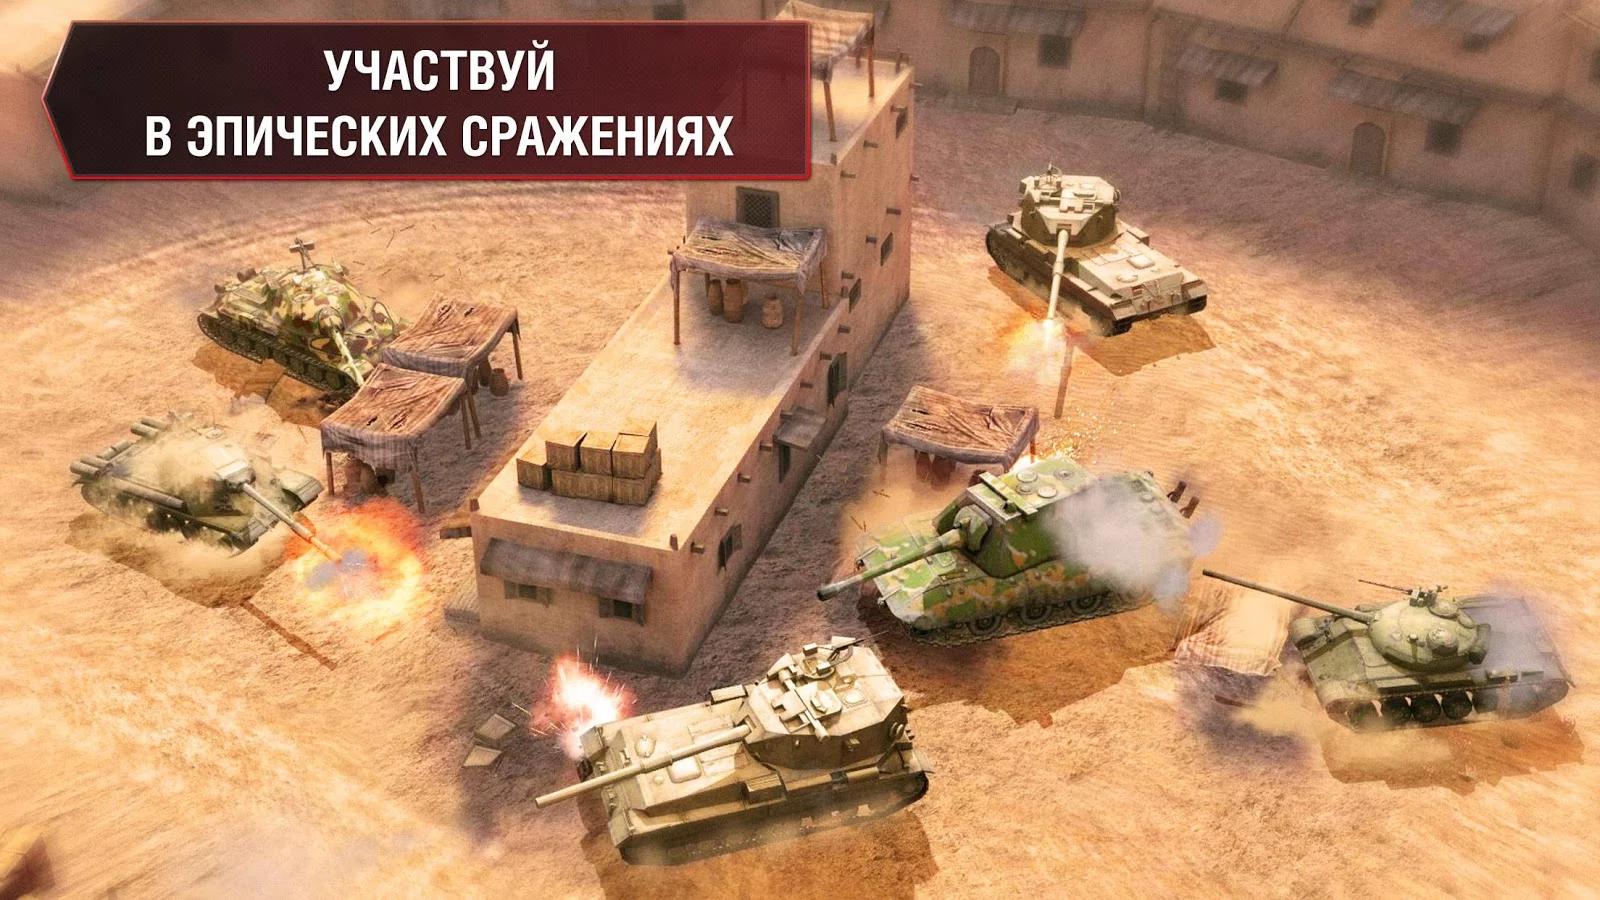 Как установить world of tanks blitz на пк (windows xp, 7, 8, 10.